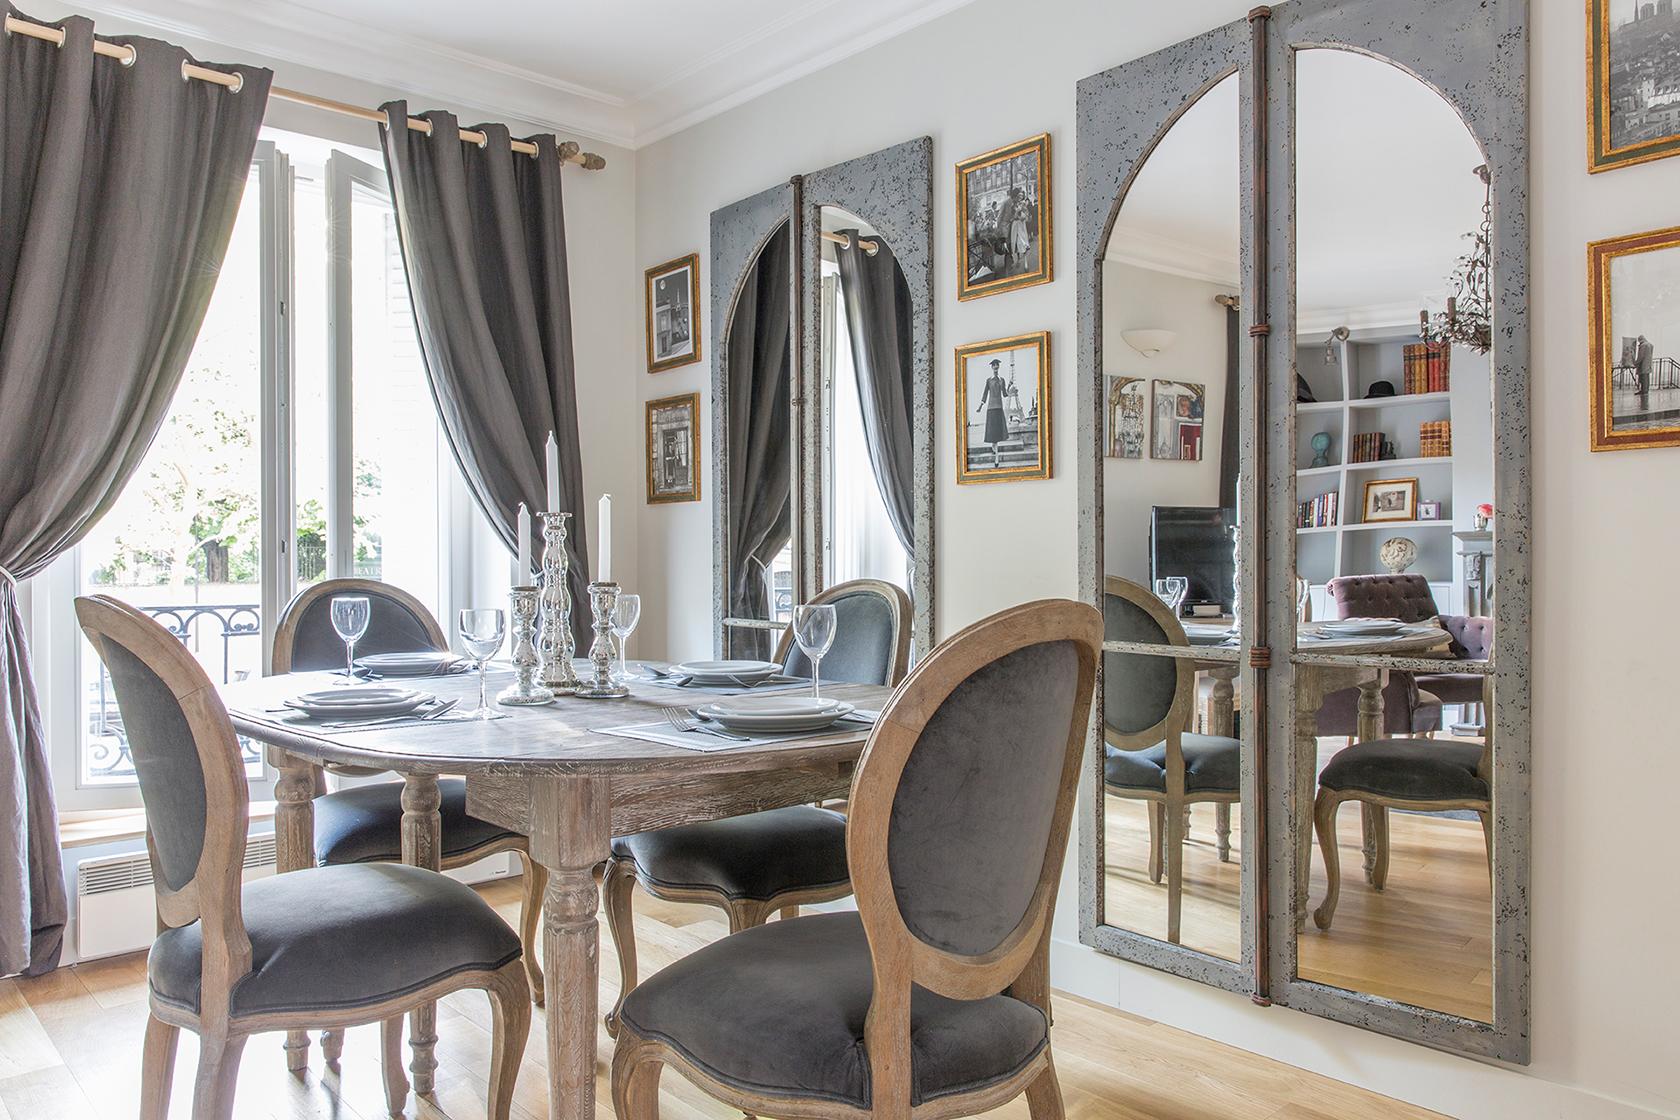 Beaujolais dining area before